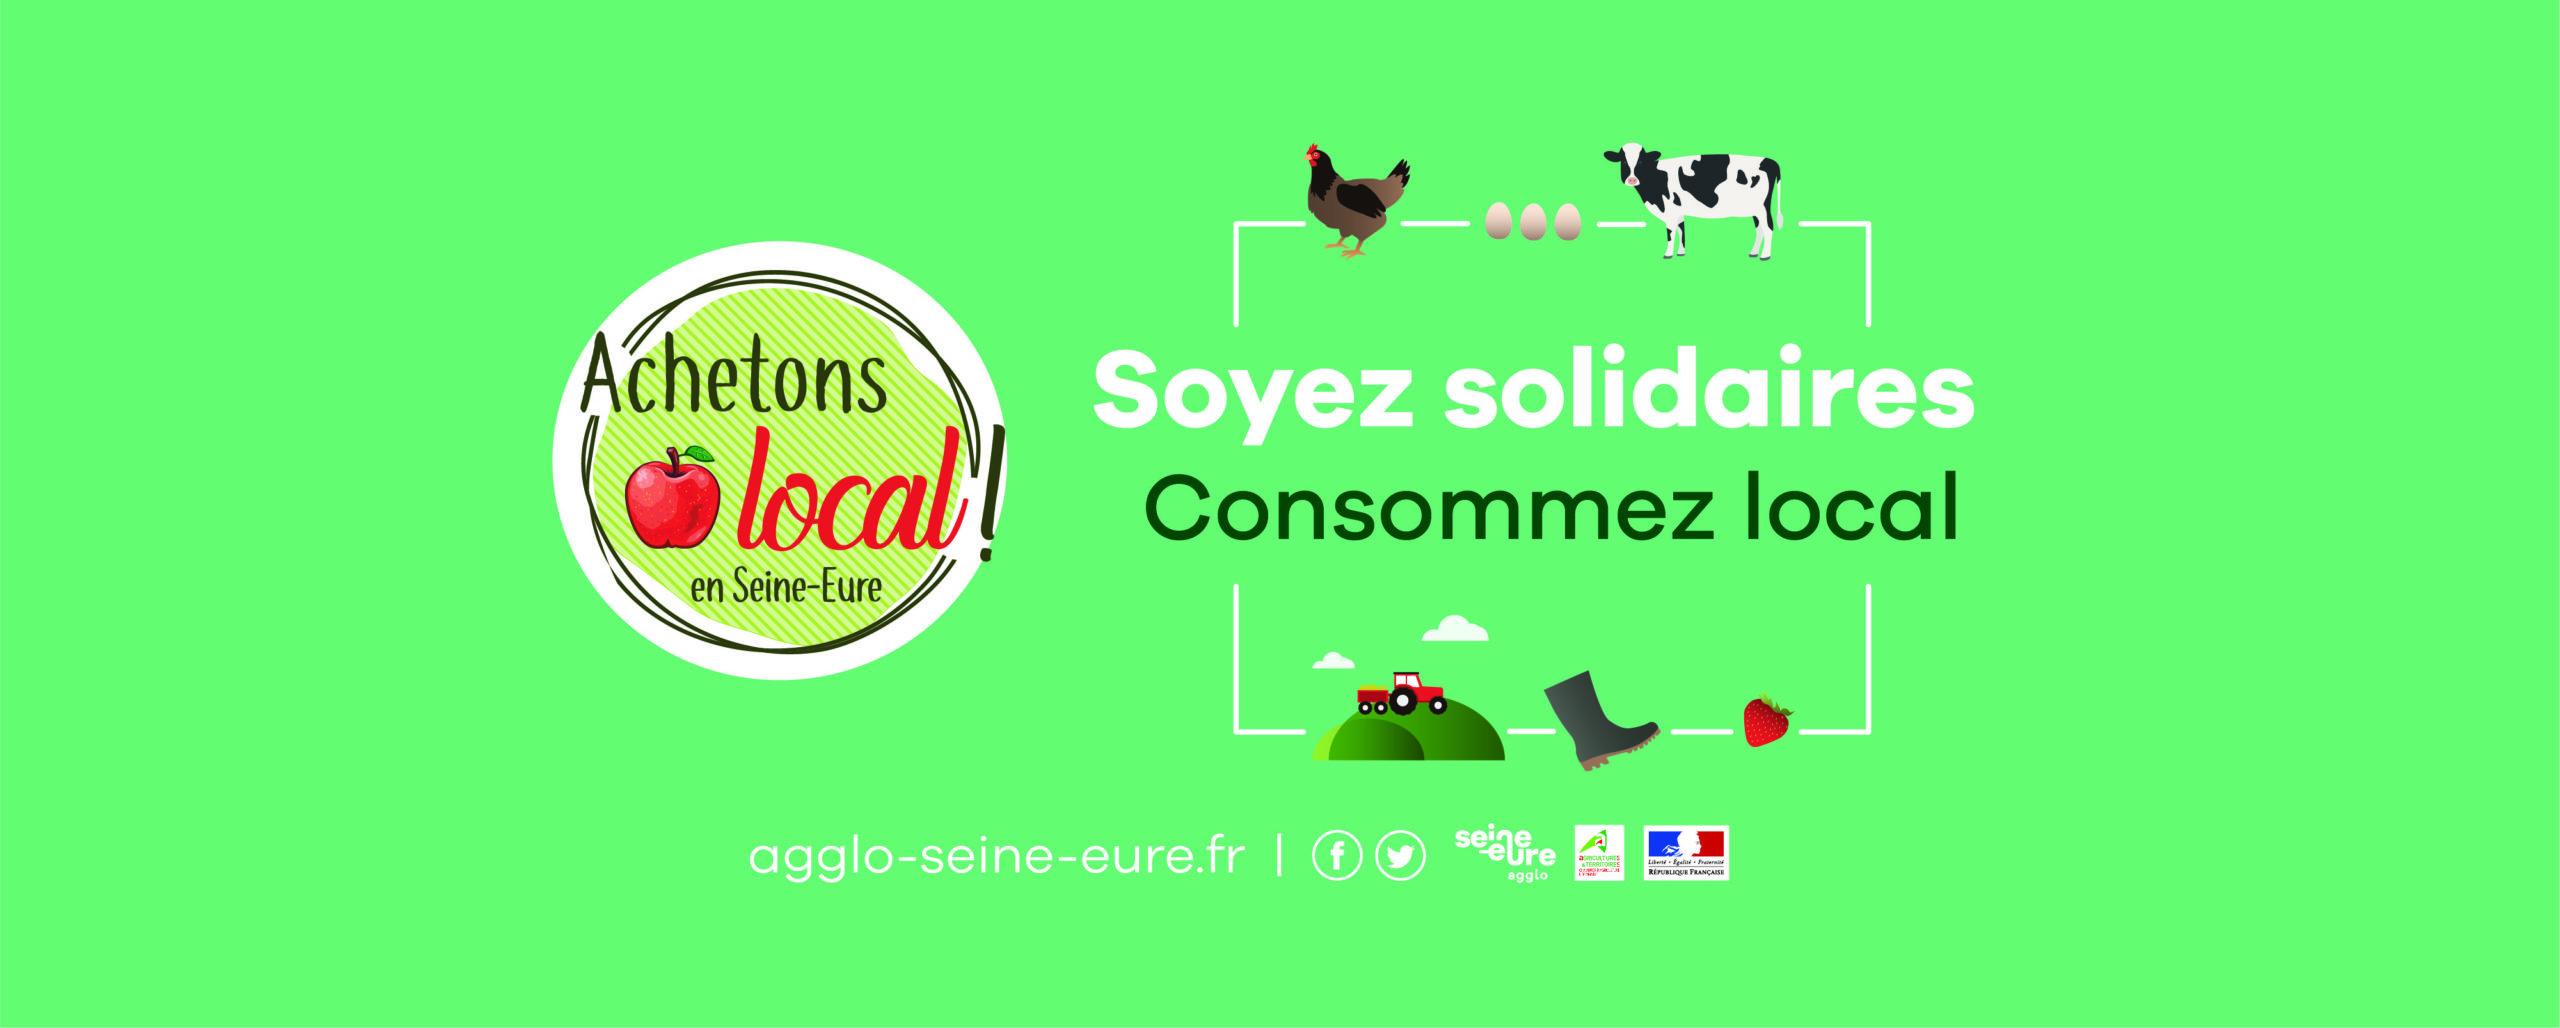 Les commerçants du réseau « Achetons local en Seine-Eure » restent ouverts pendant le confinement